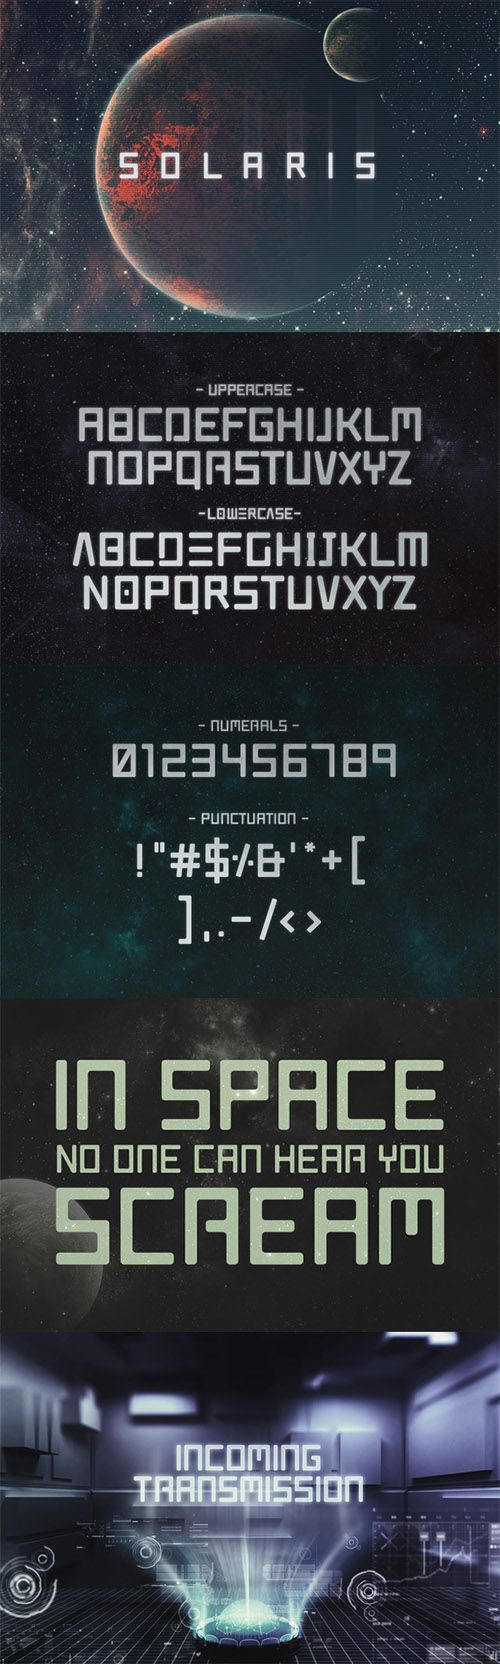 i like the galaxy colours and the futuristic font used.